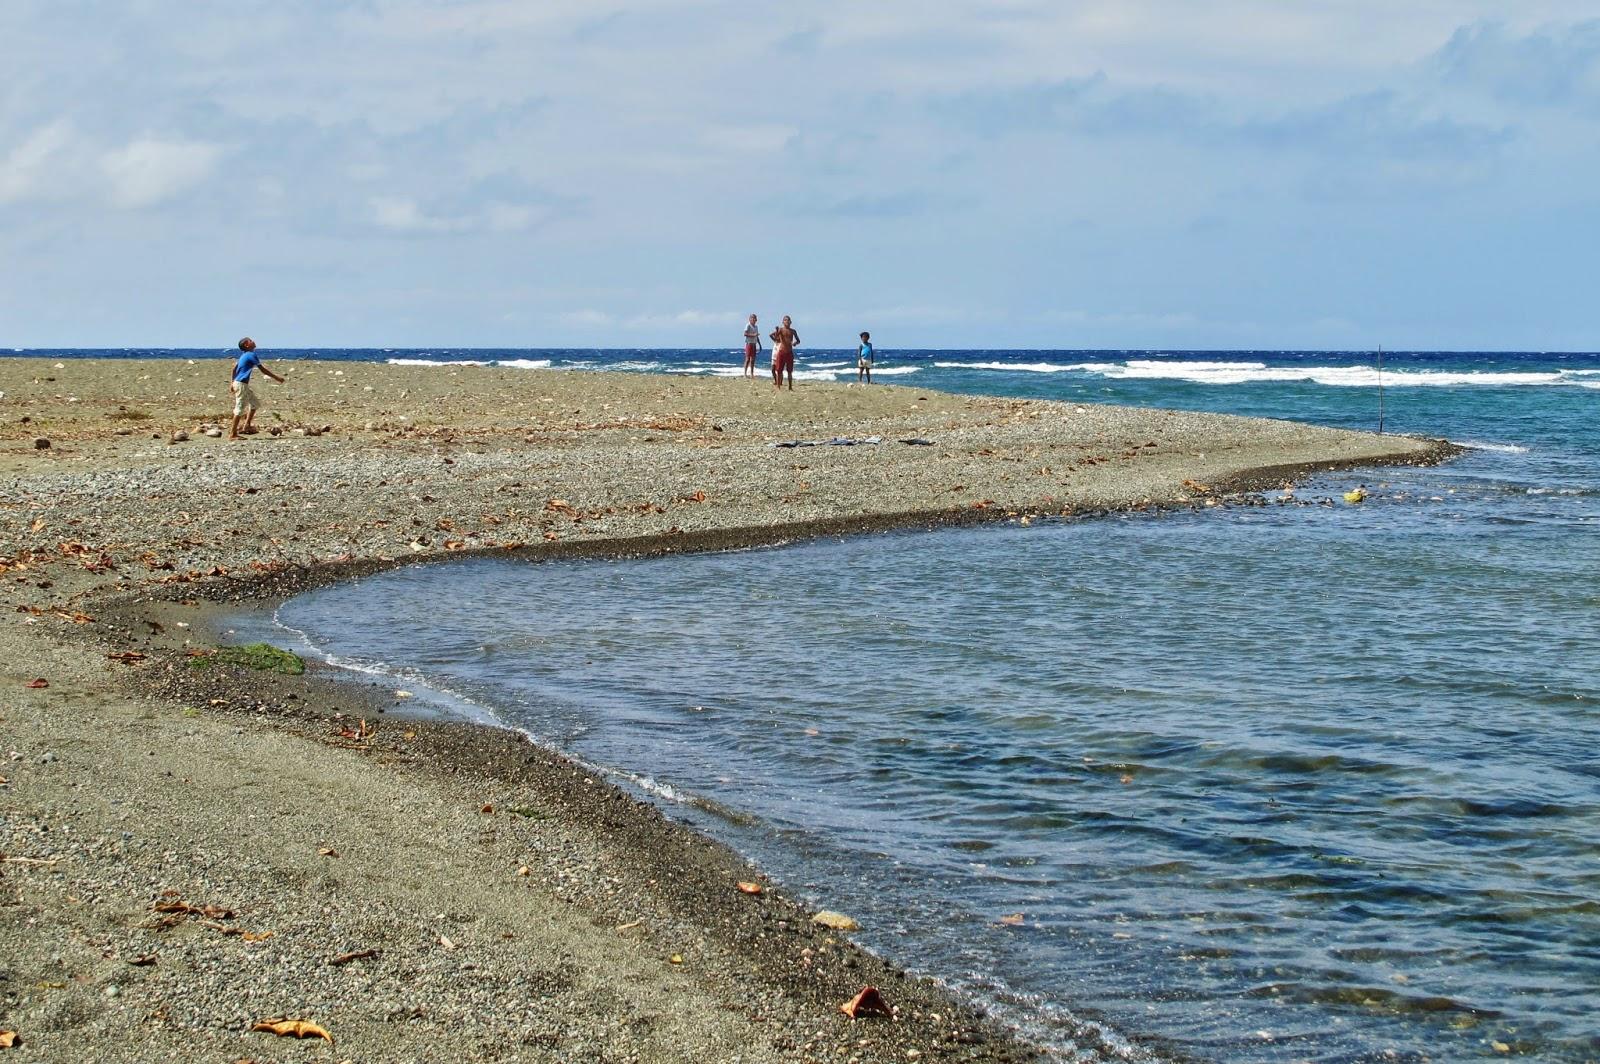 Boca de Yumurí, nas proximidades de Baracoa, uma das regiões mais remotas de Cuba.